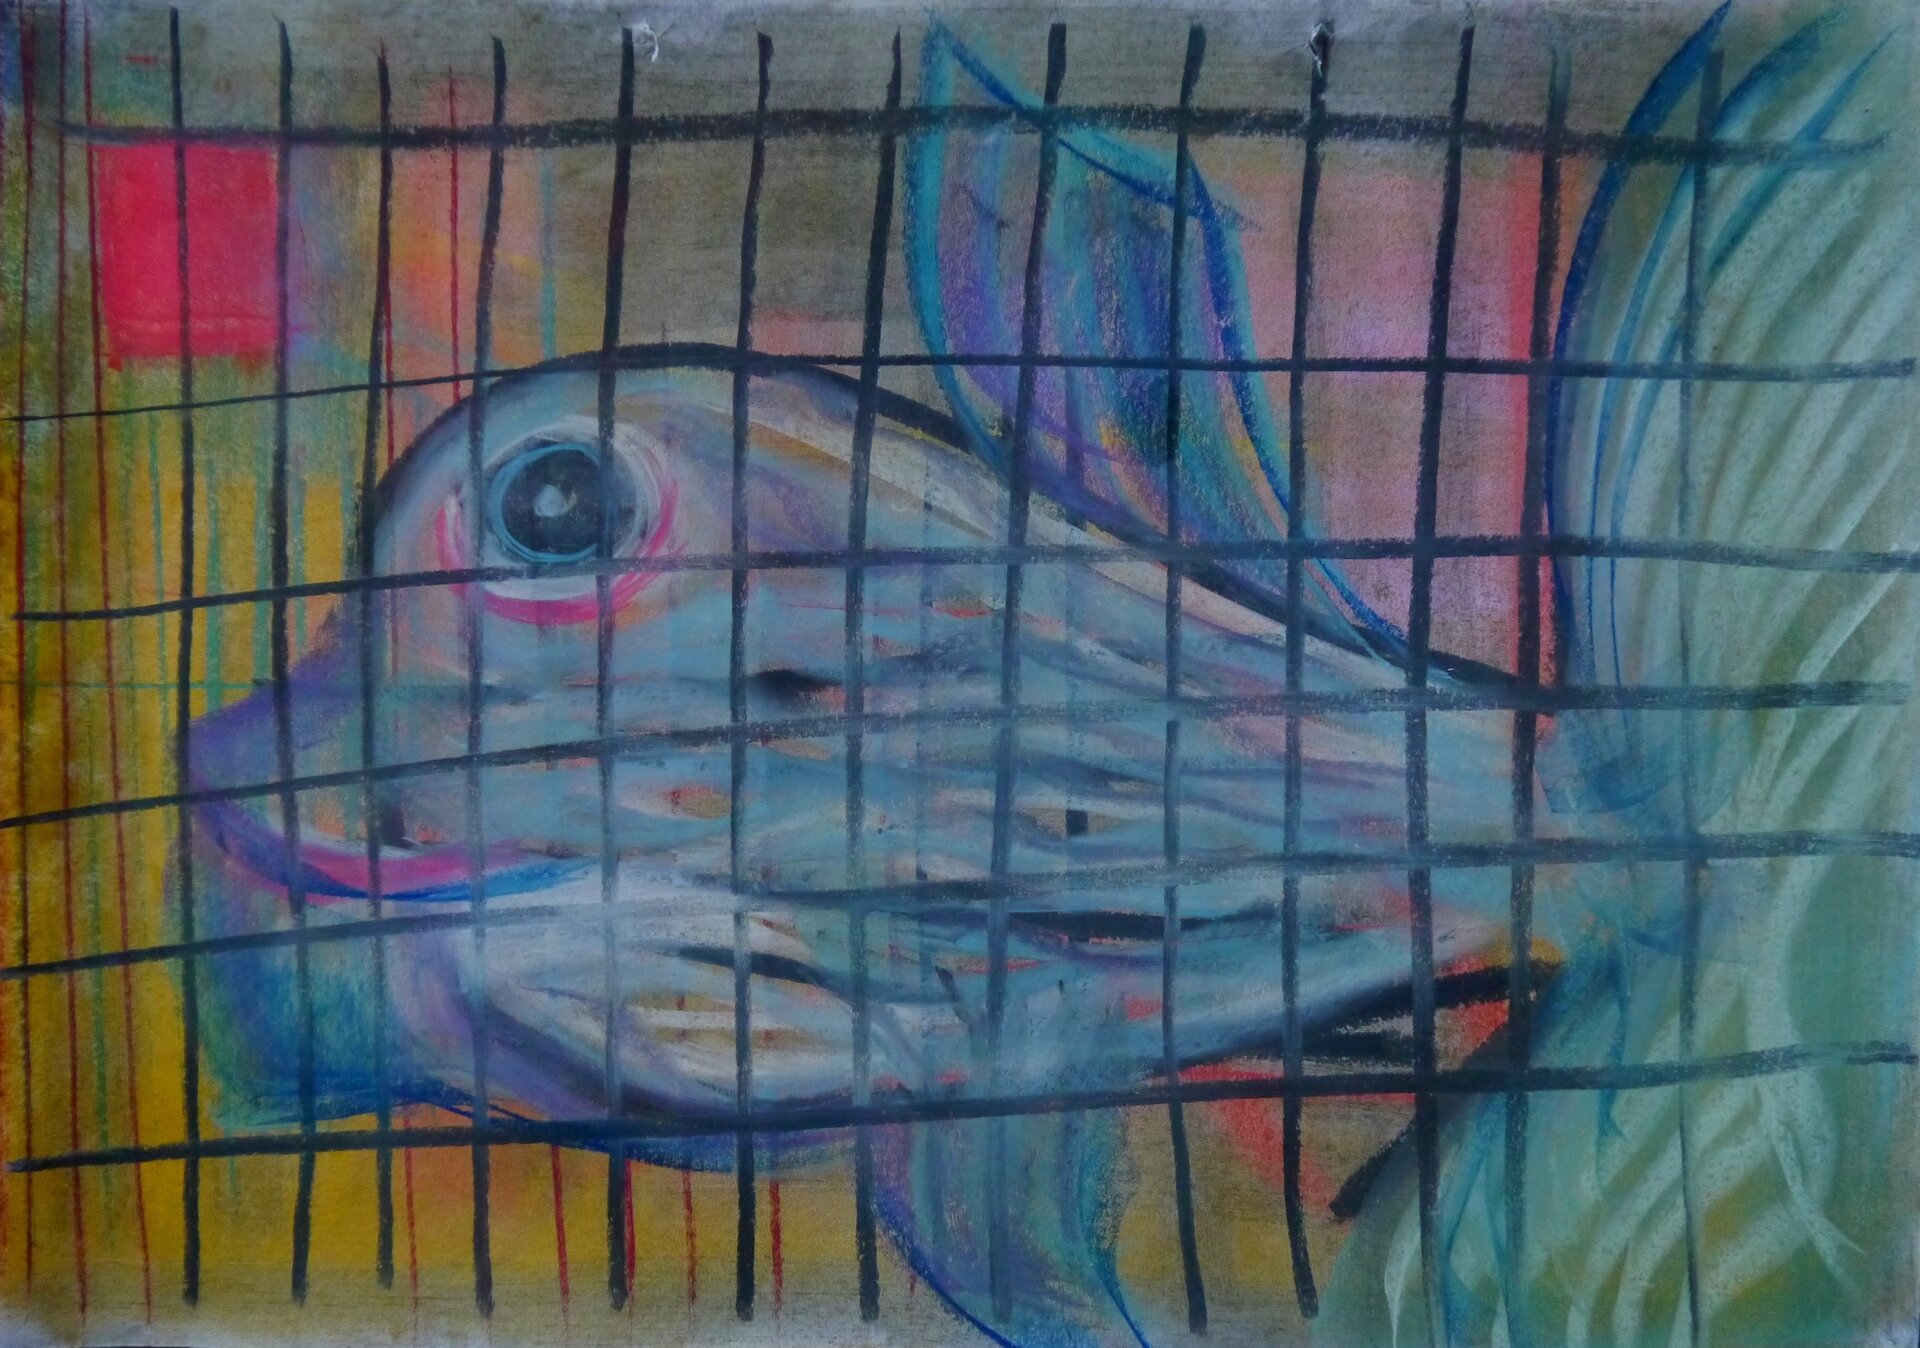 Fisch in Gefangenschaft